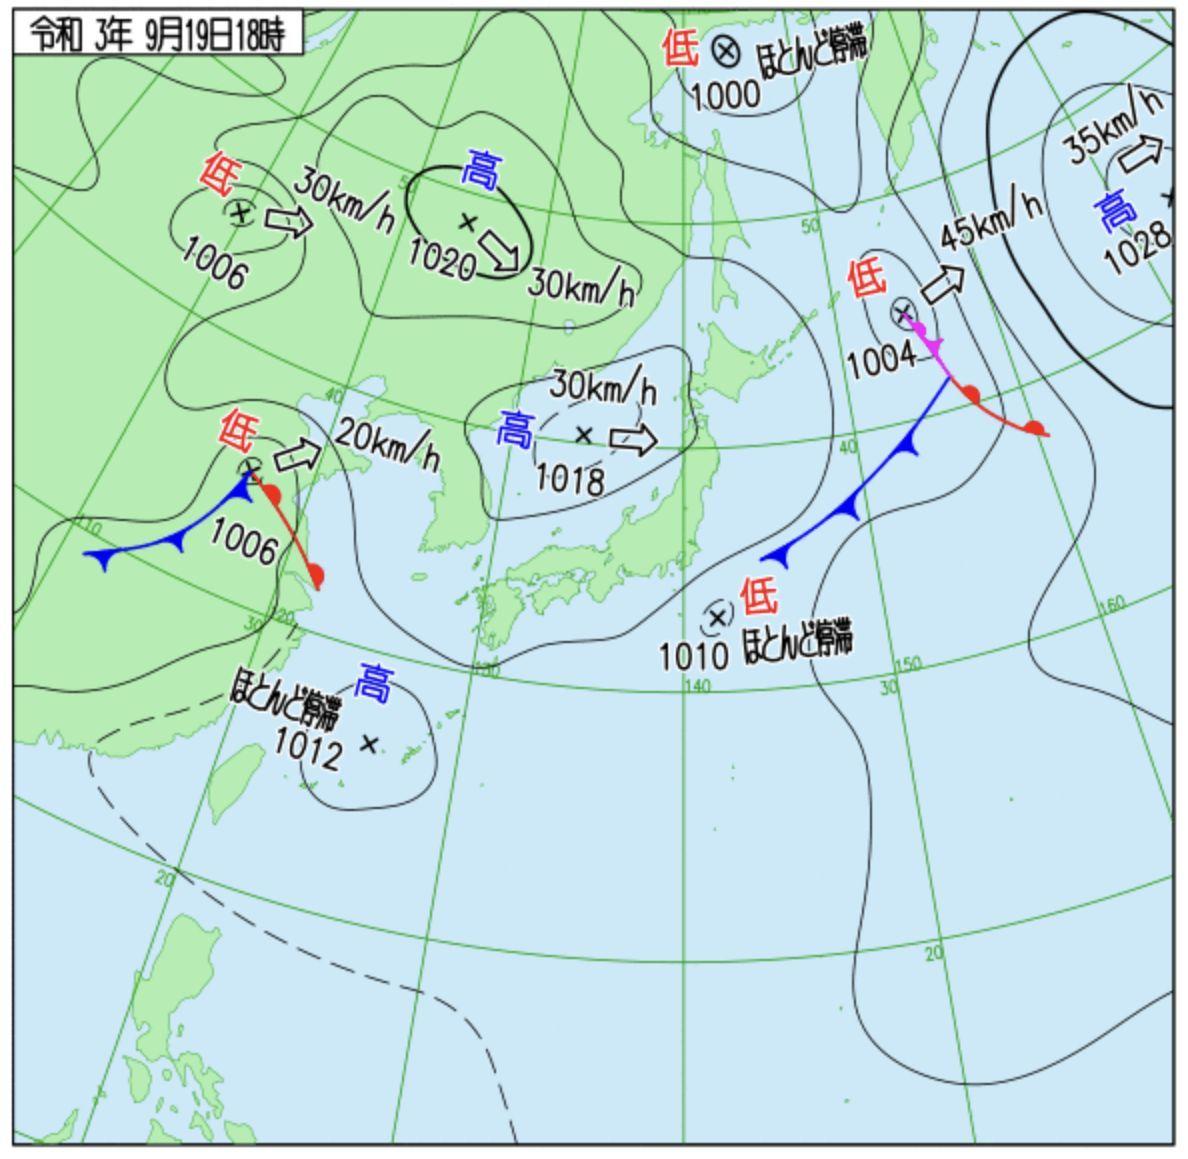 台風崩れの低気圧の影響を受けた昨日からの回復_c0025115_21535431.jpg